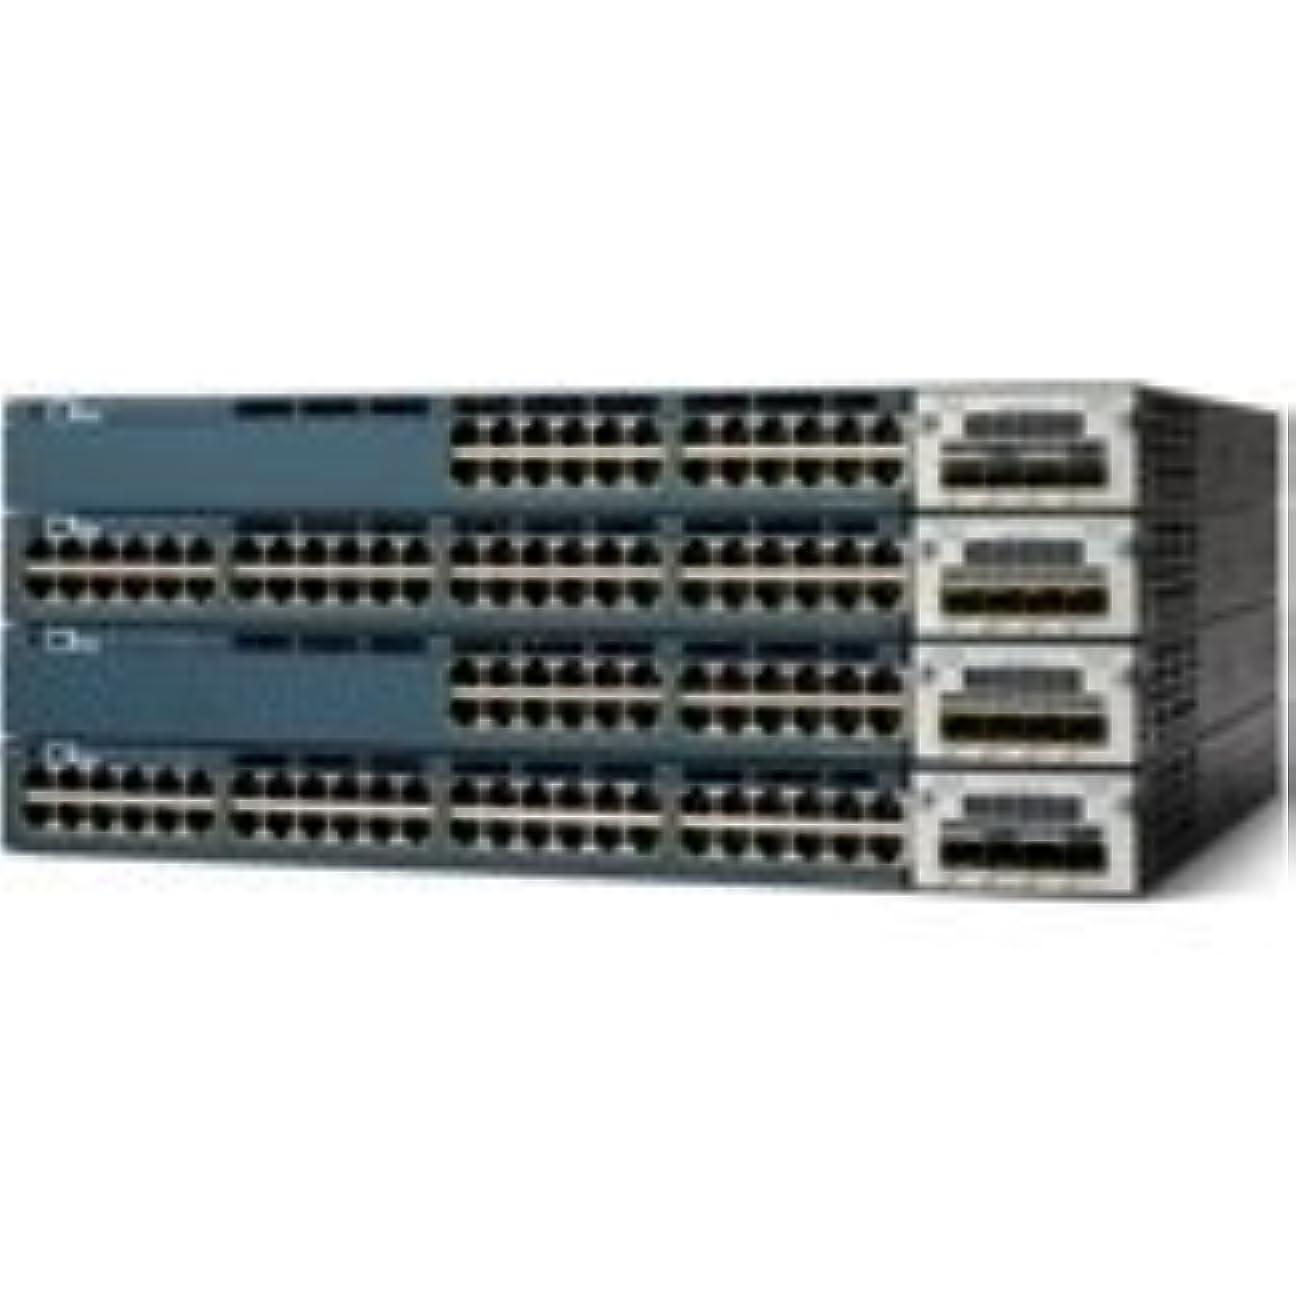 検出可能ちらつき移行Cisco WS-C3560X-24P-L 3560X Series 24 Port Catalyst Switch [並行輸入品]